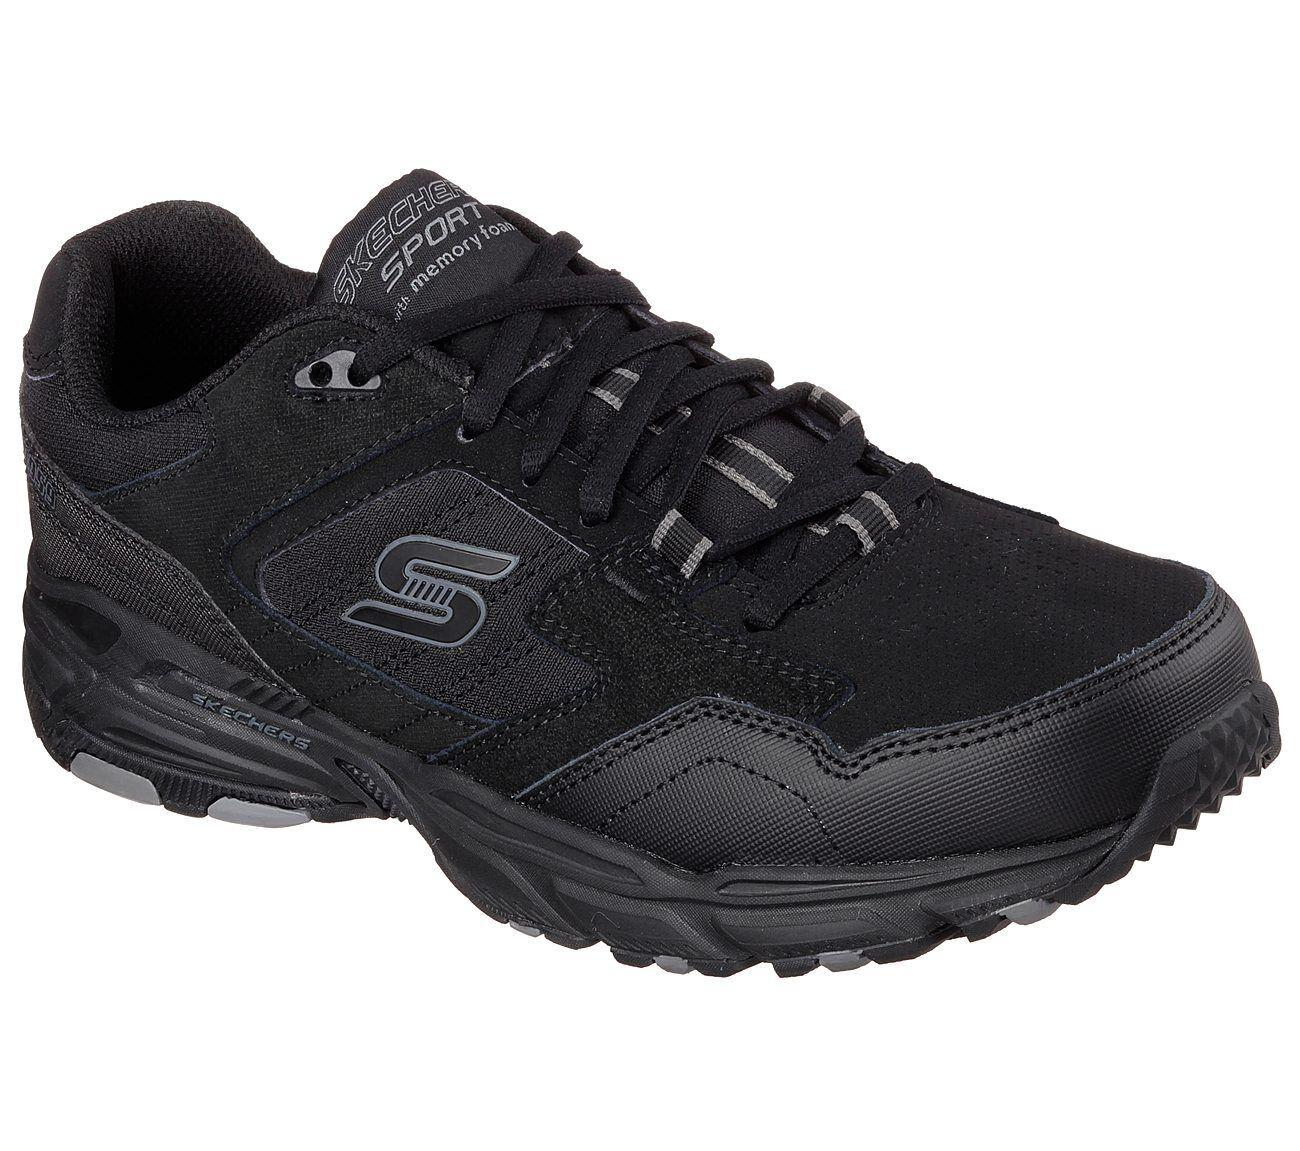 Mens Skechers Stamina Plus 50959 BBK #BR